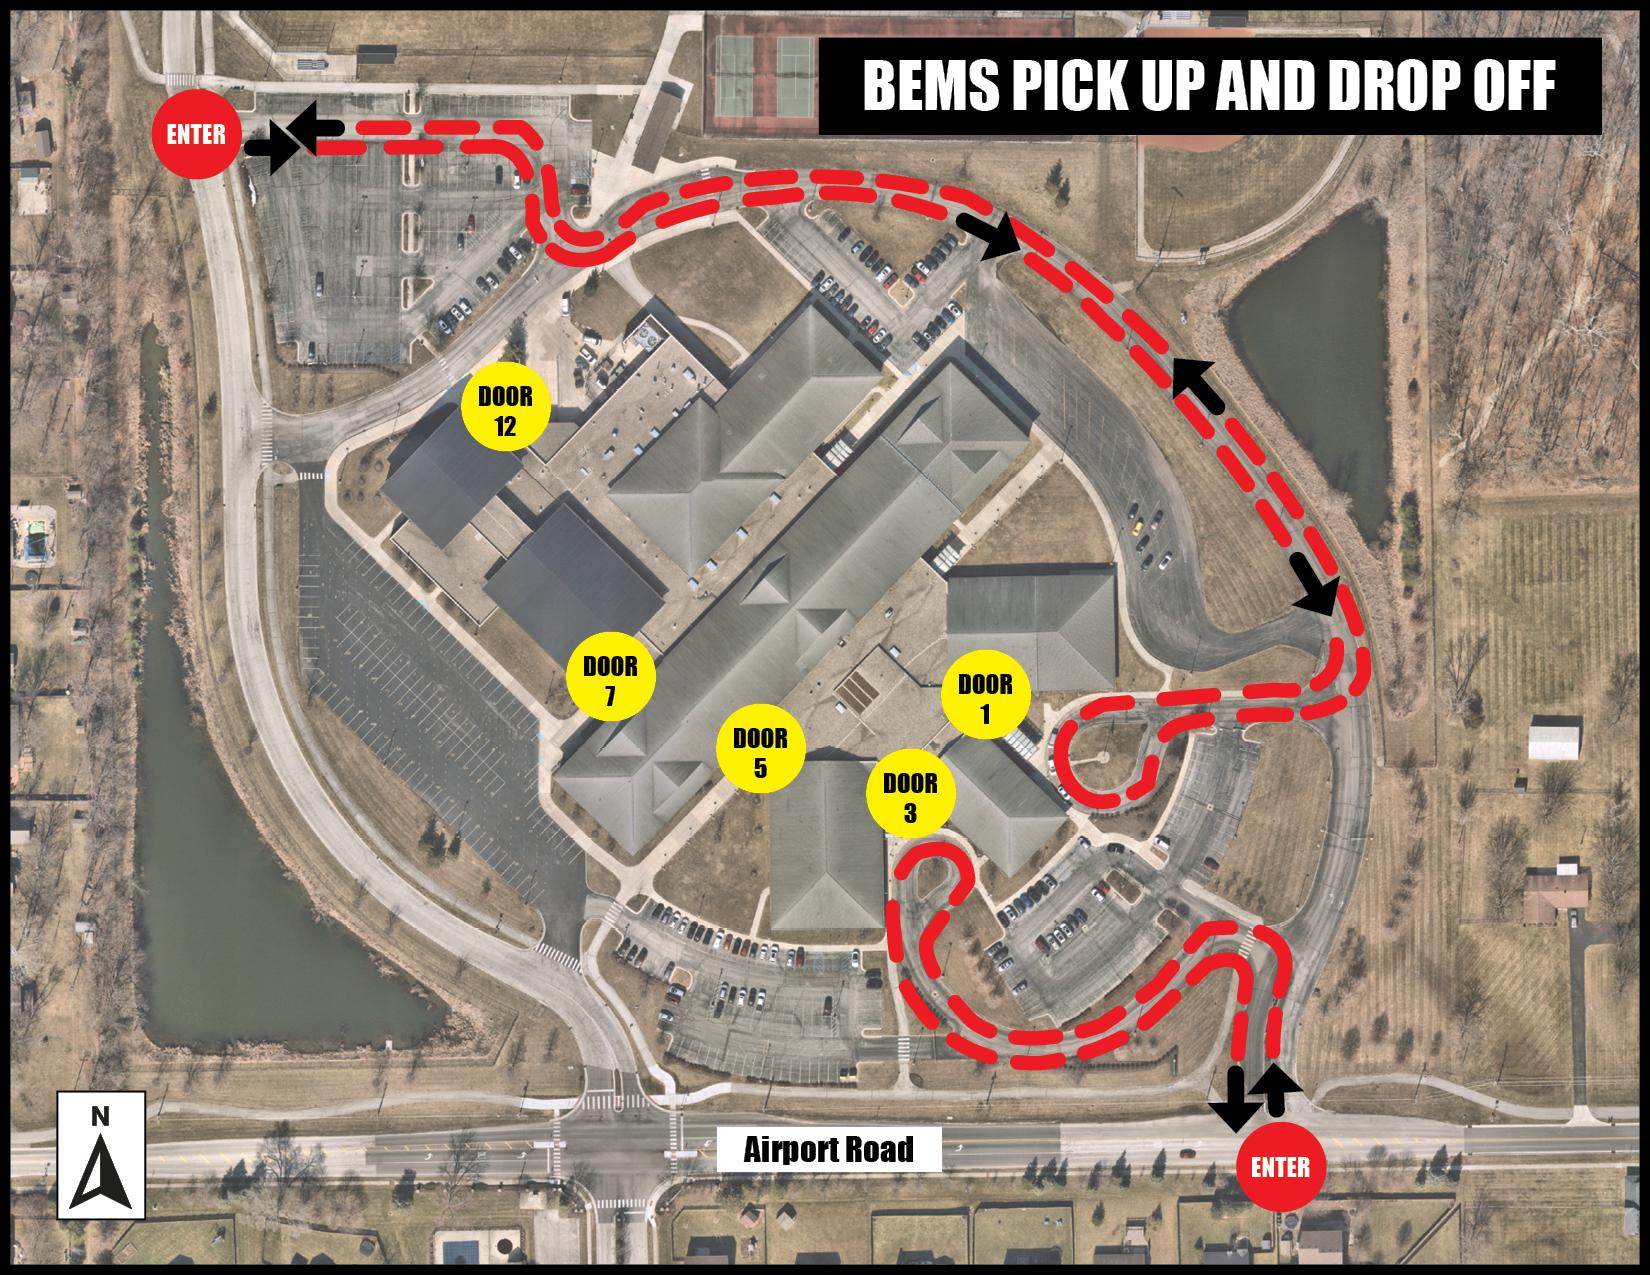 BEMS pickup drop off map